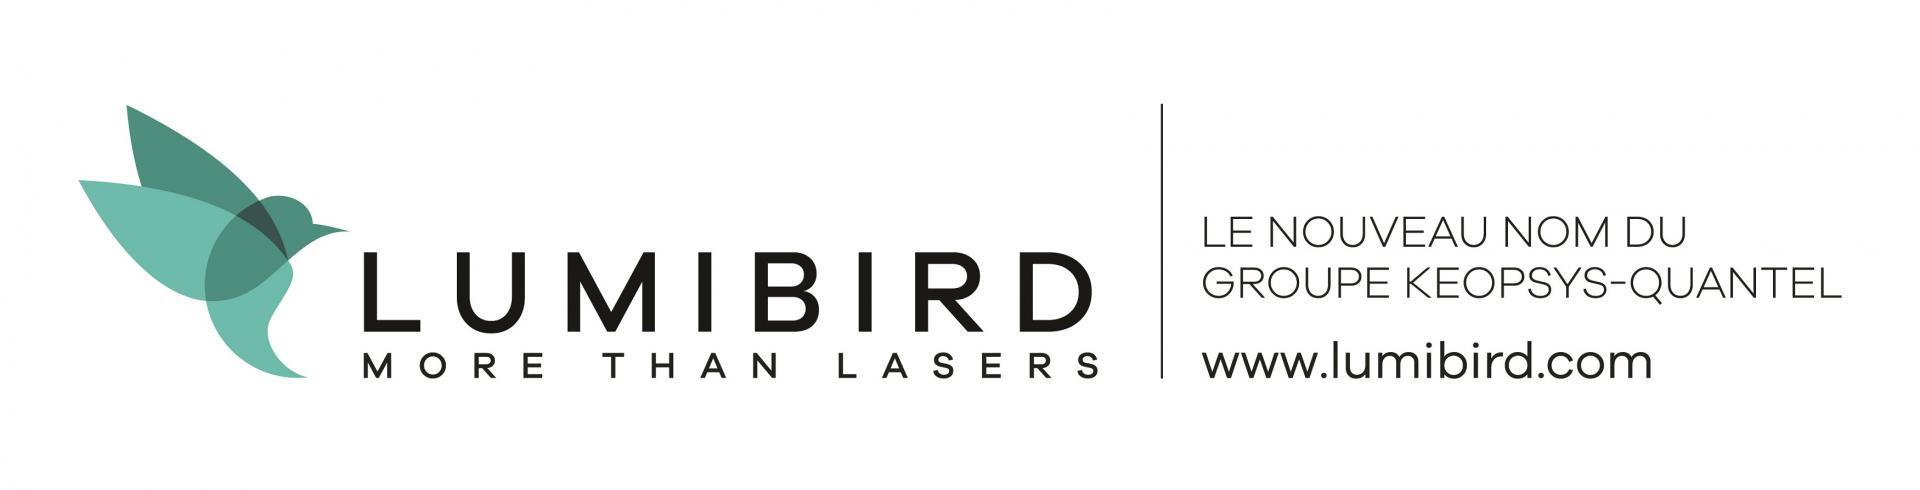 Logo lumibird sitesfo